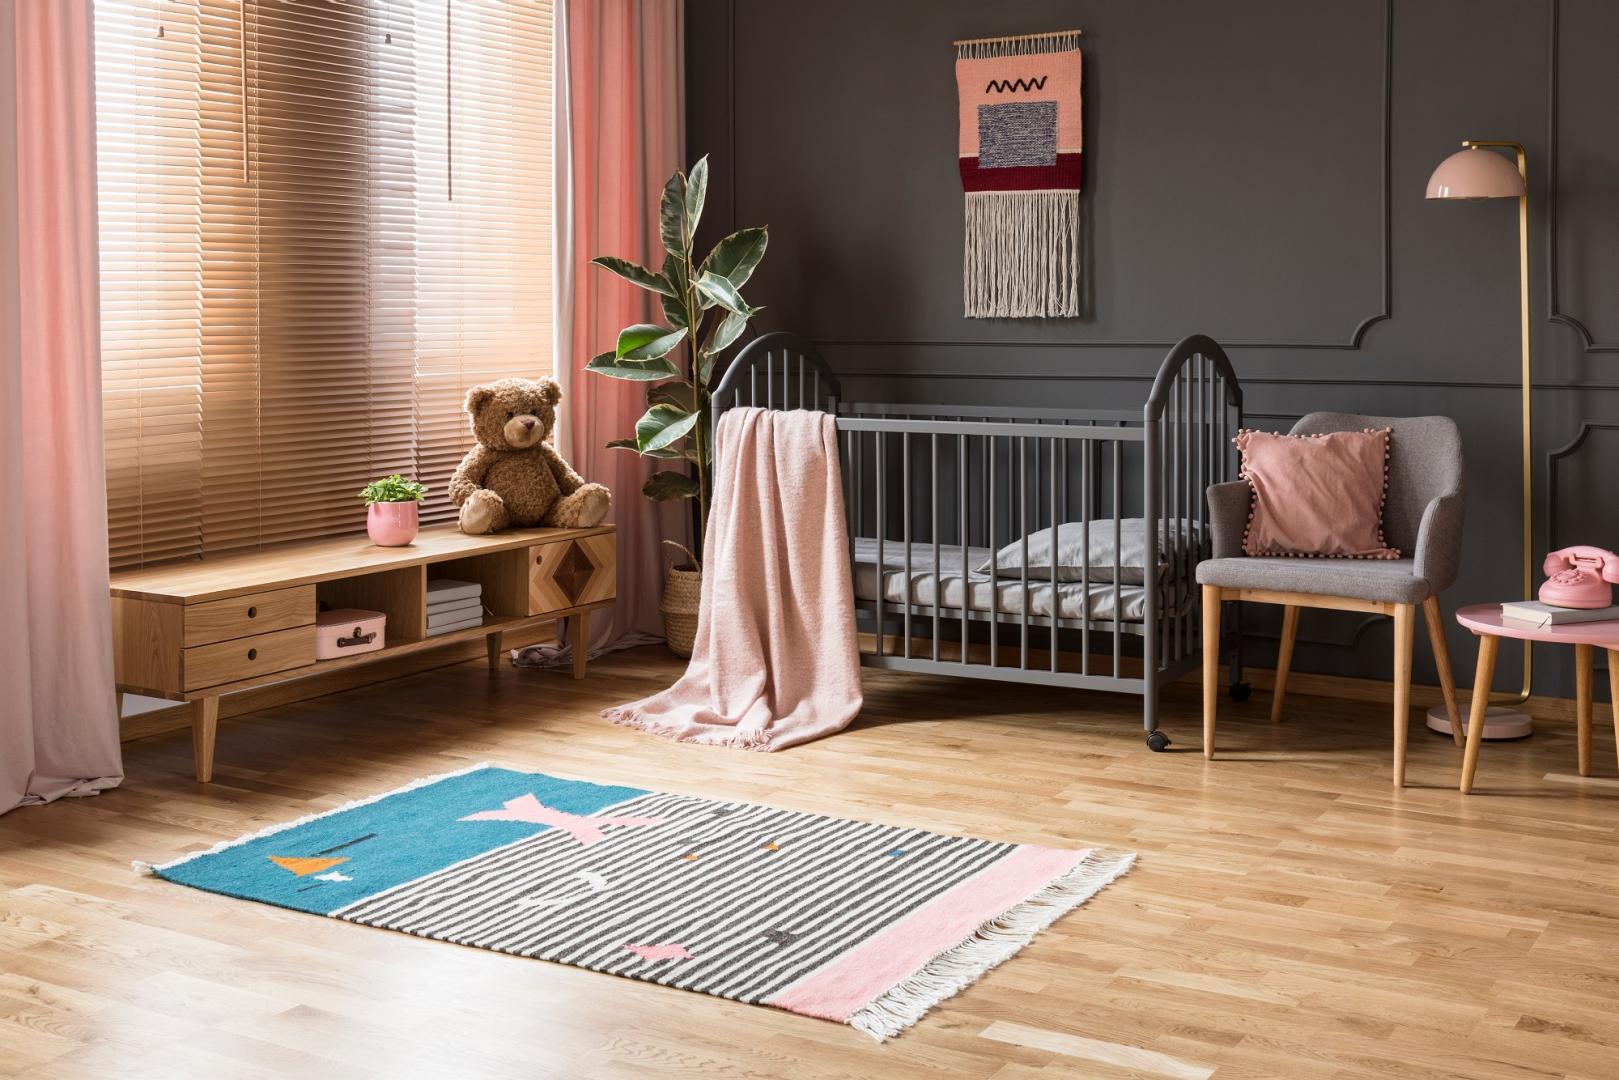 Un style vintage pour la chambre de votre bébé